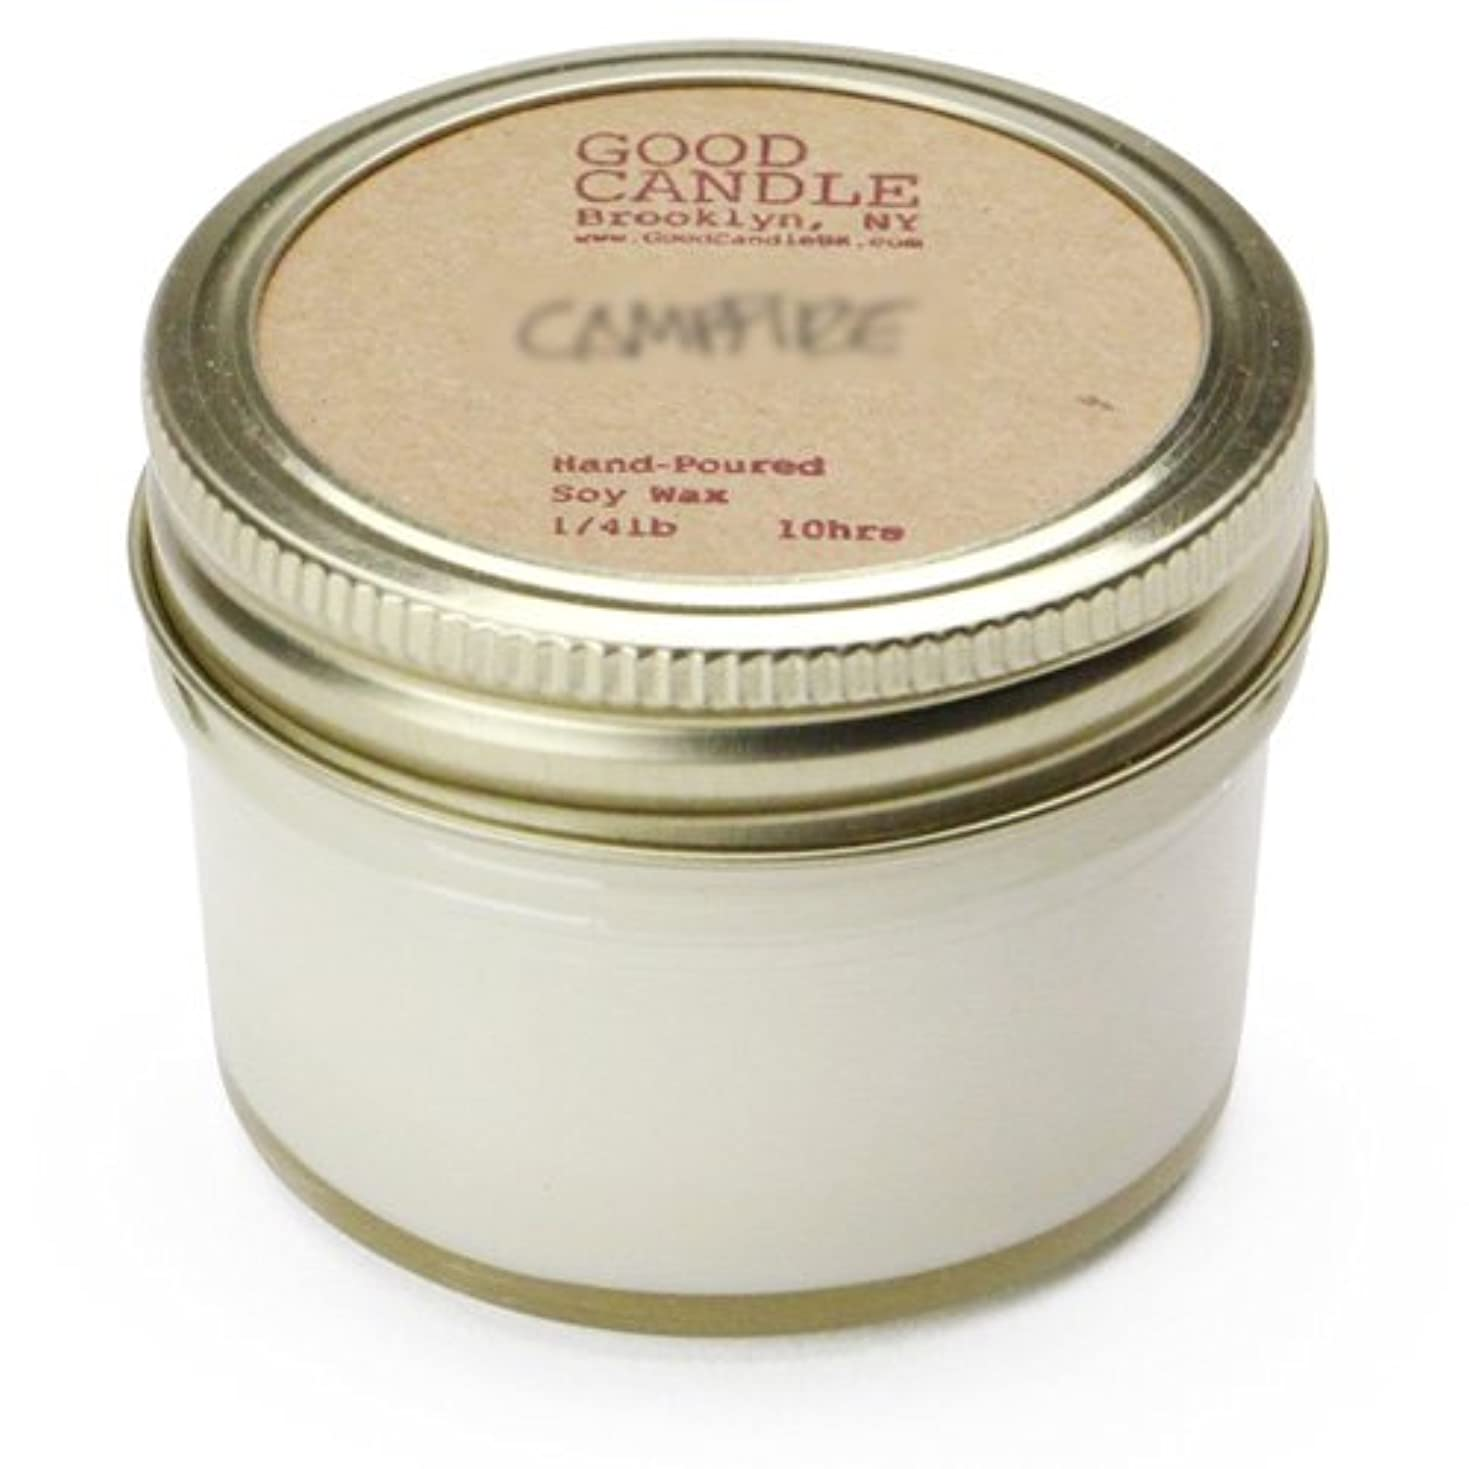 収容する自伝パーセントグッドキャンドル 1/4ポンド ゼリージャー キャンドル Good Candle 1/4LB Jelly jar candle [ Camp fire ] 正規品